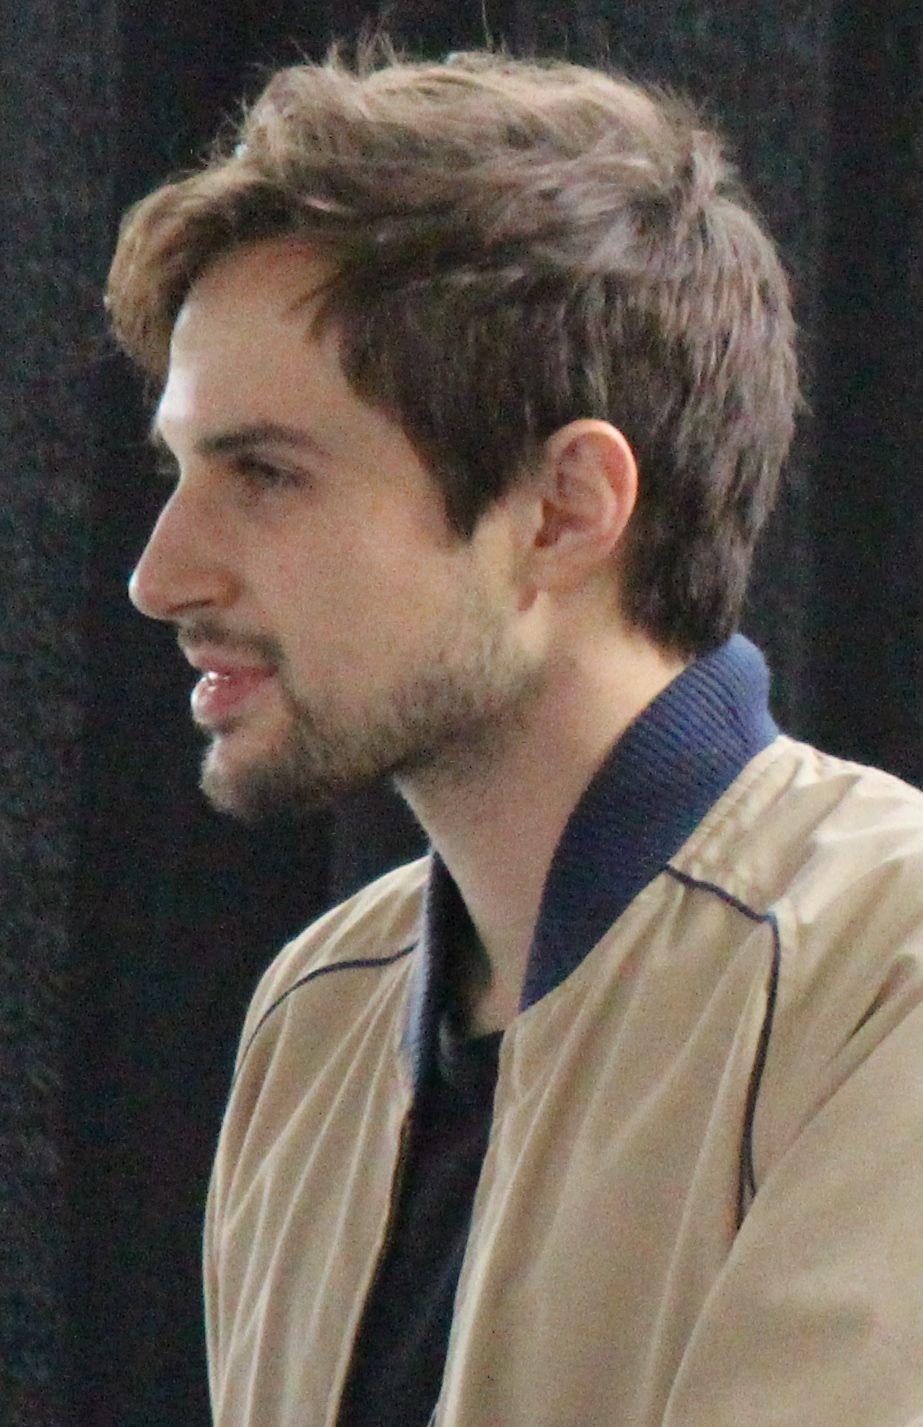 Andrew J. West